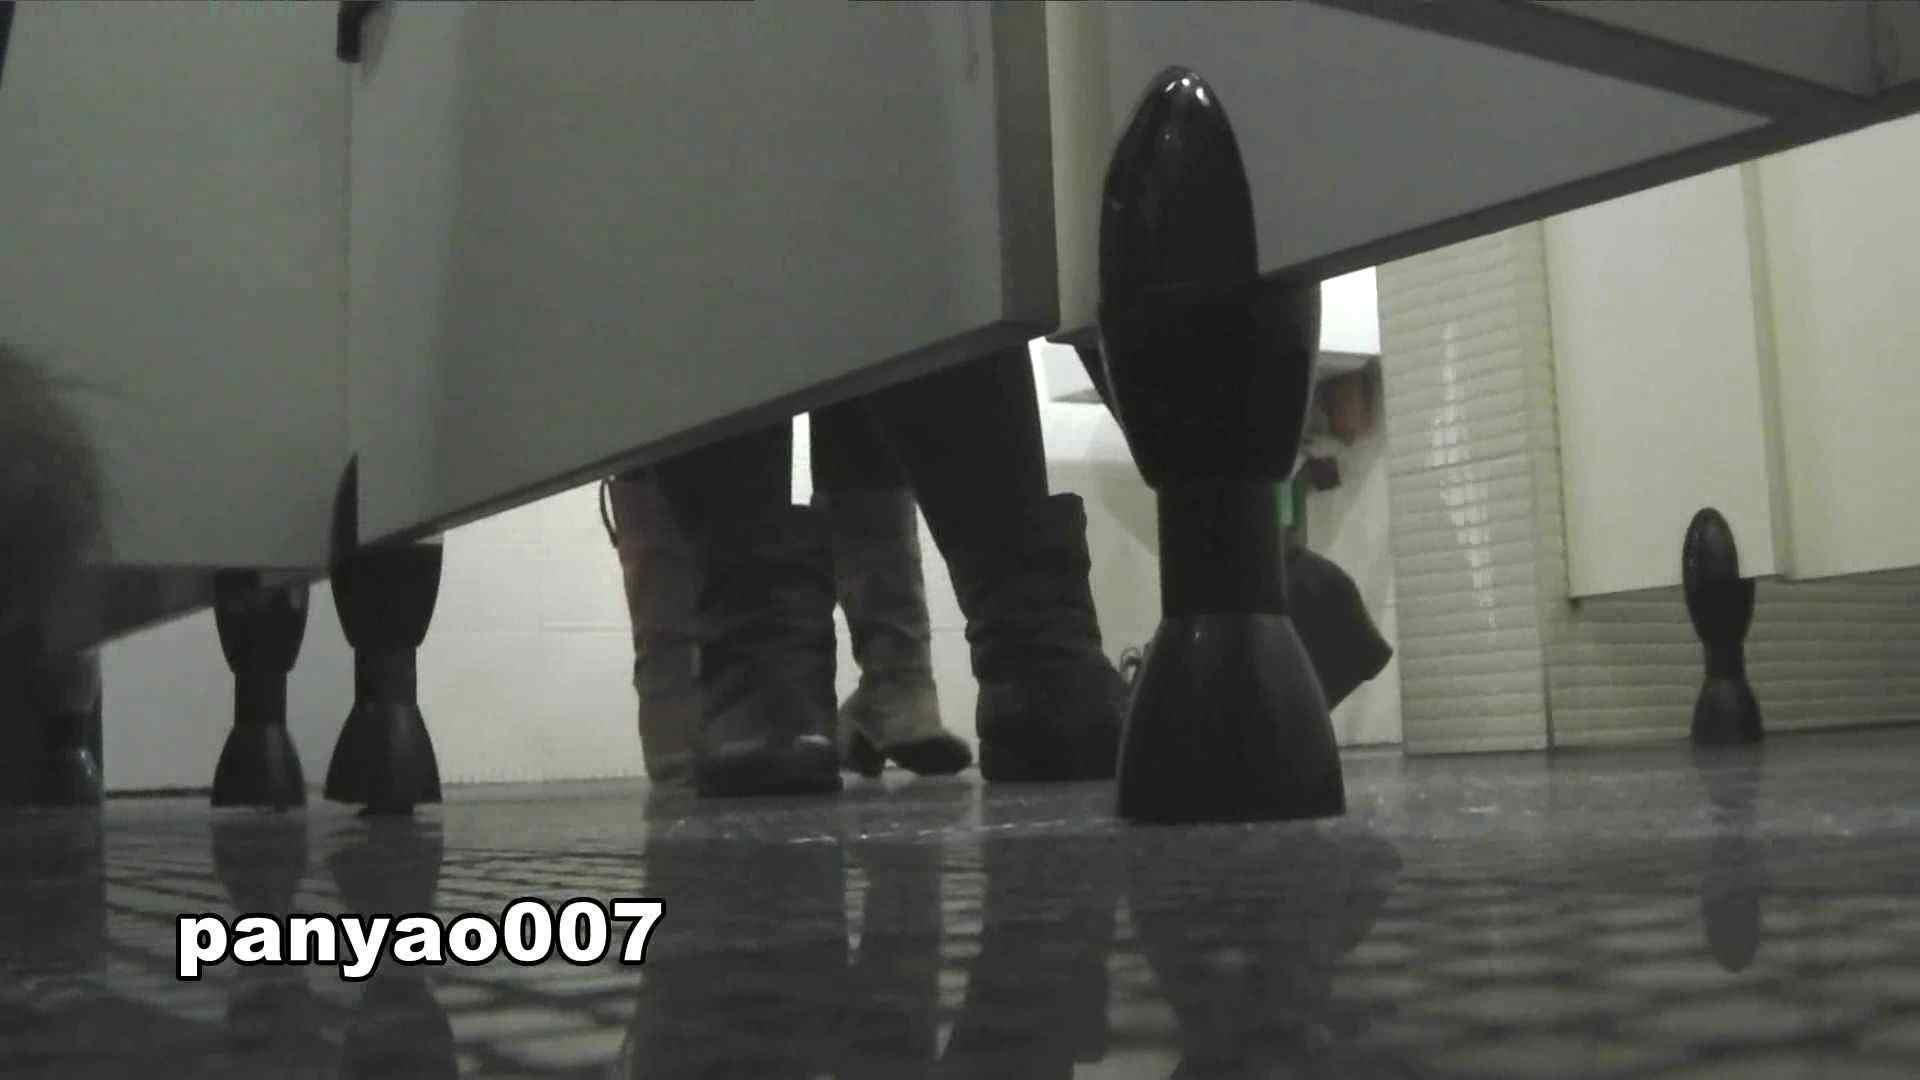 日本成人用品展览会。vol.07 照射実験 着替え のぞきおめこ無修正画像 112PICs 71